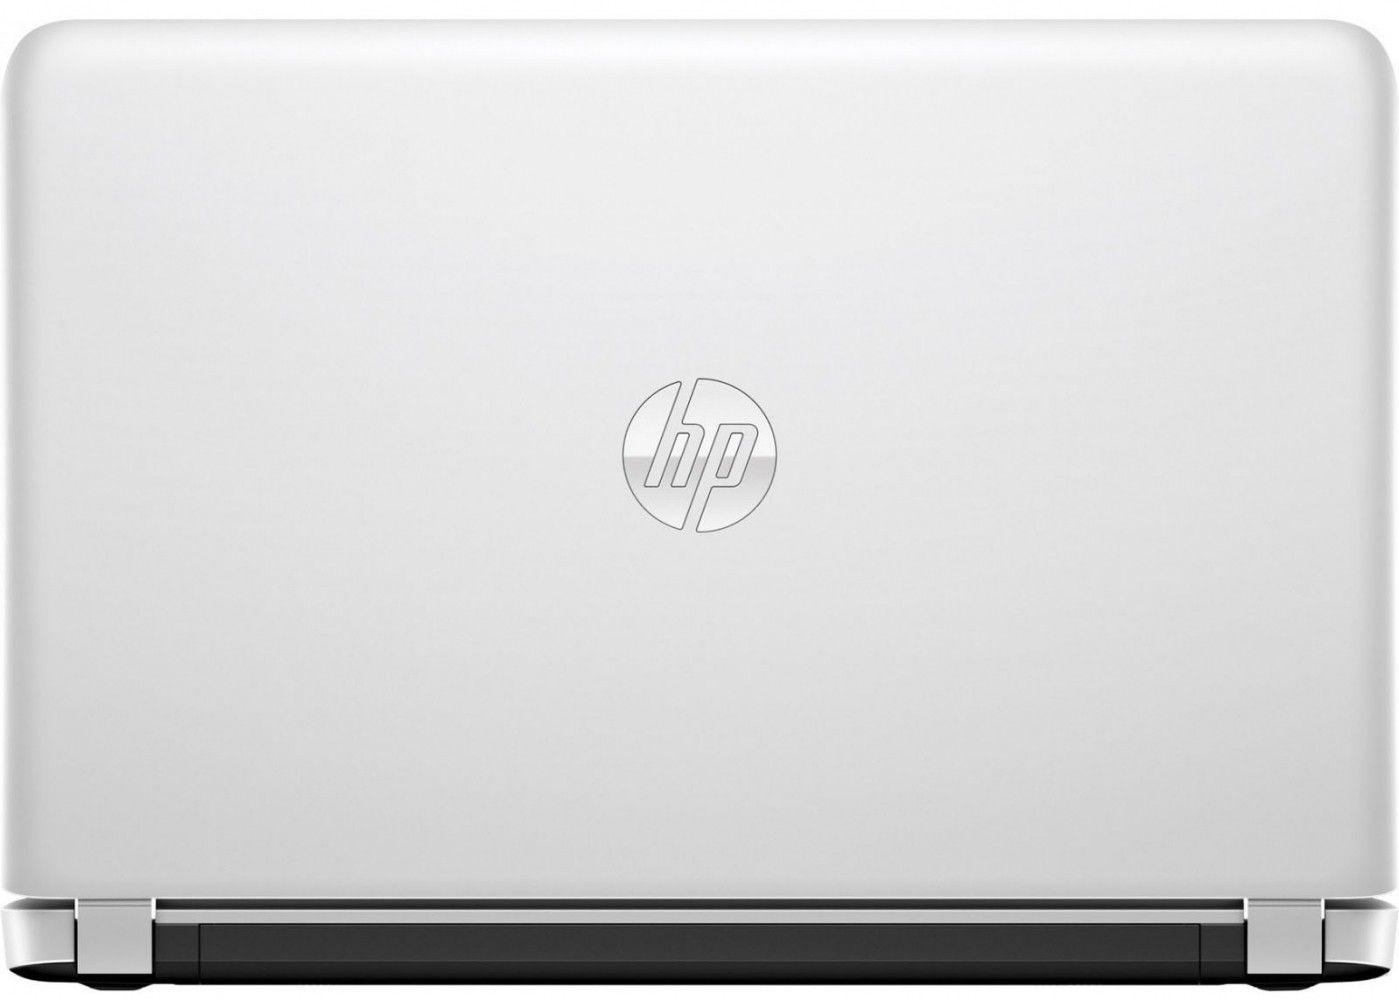 Ноутбук HP Pavilion 15-ab130ur (V0Z03EA) White - 4